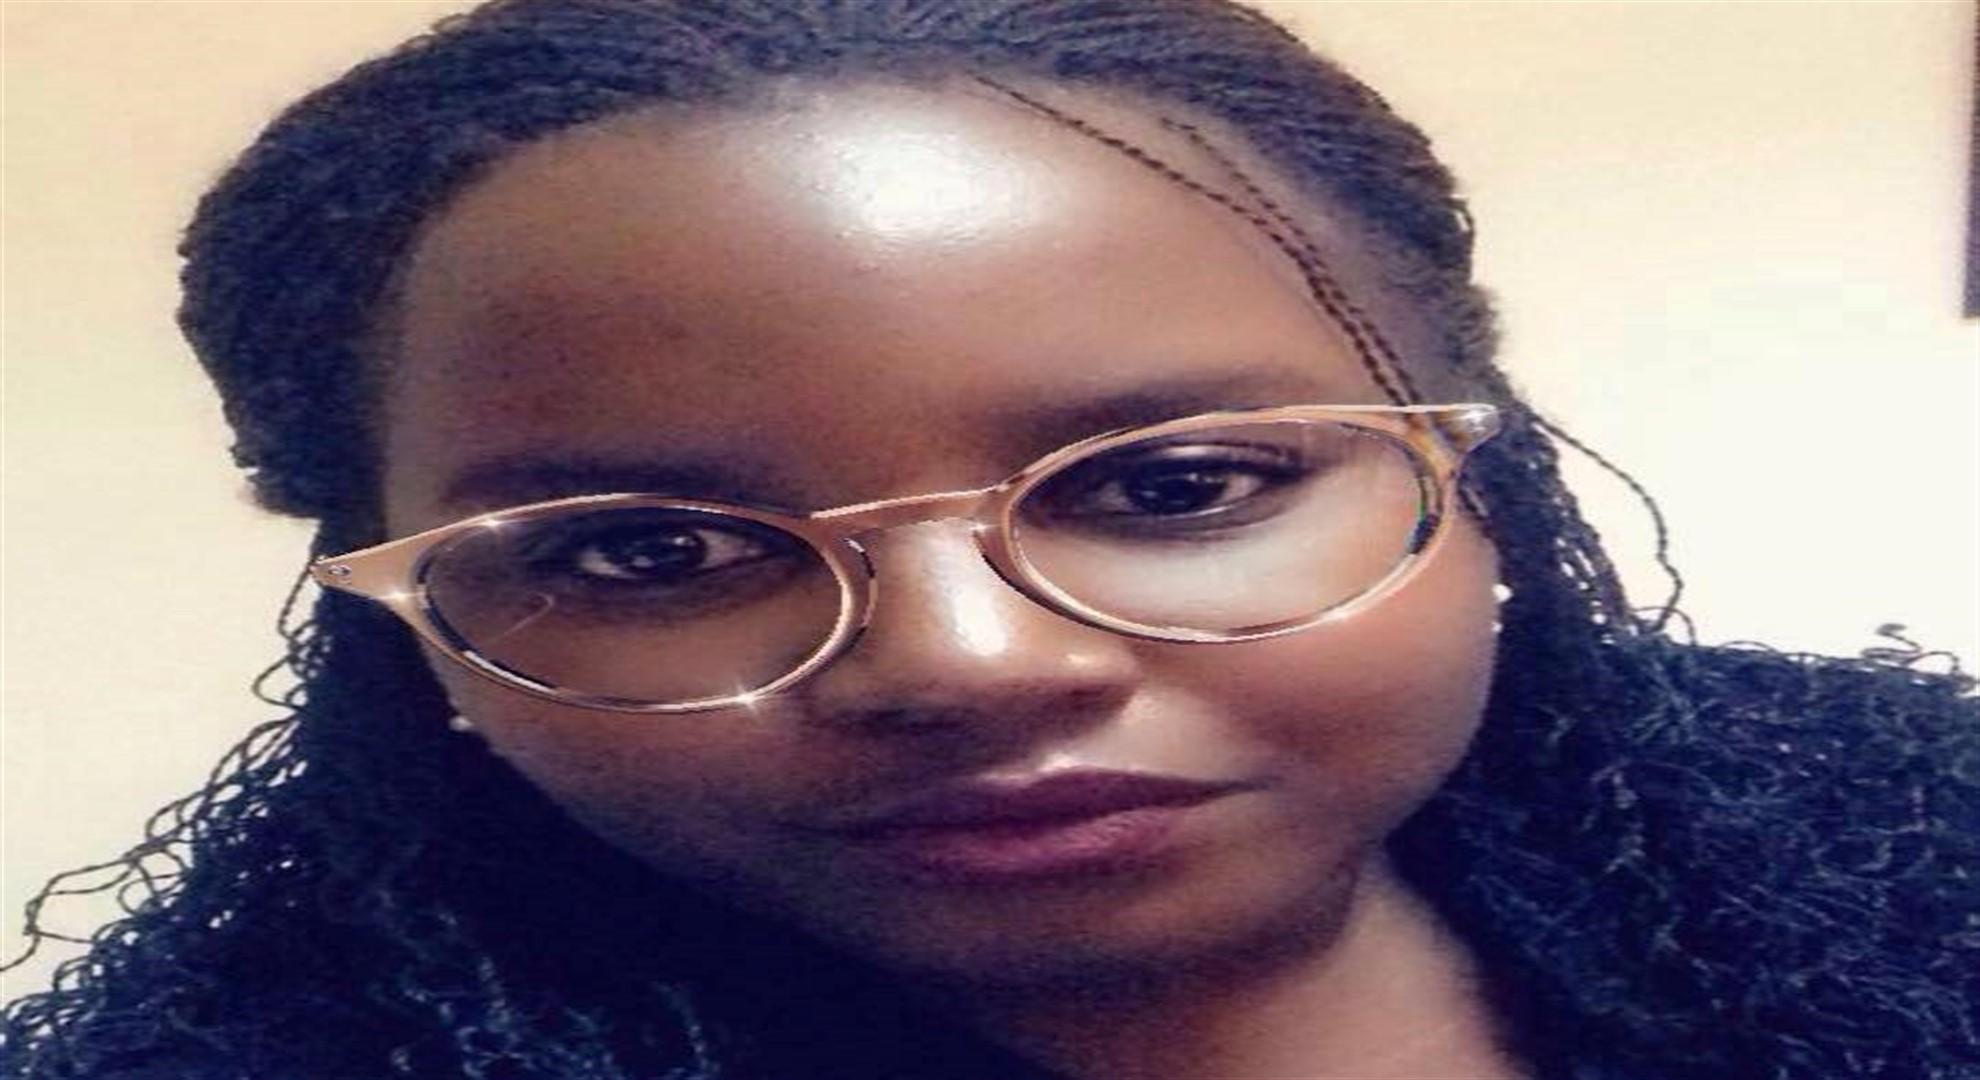 Studentă găsită moartă într-un cămin studențesc. Era nepoata unui demnitar